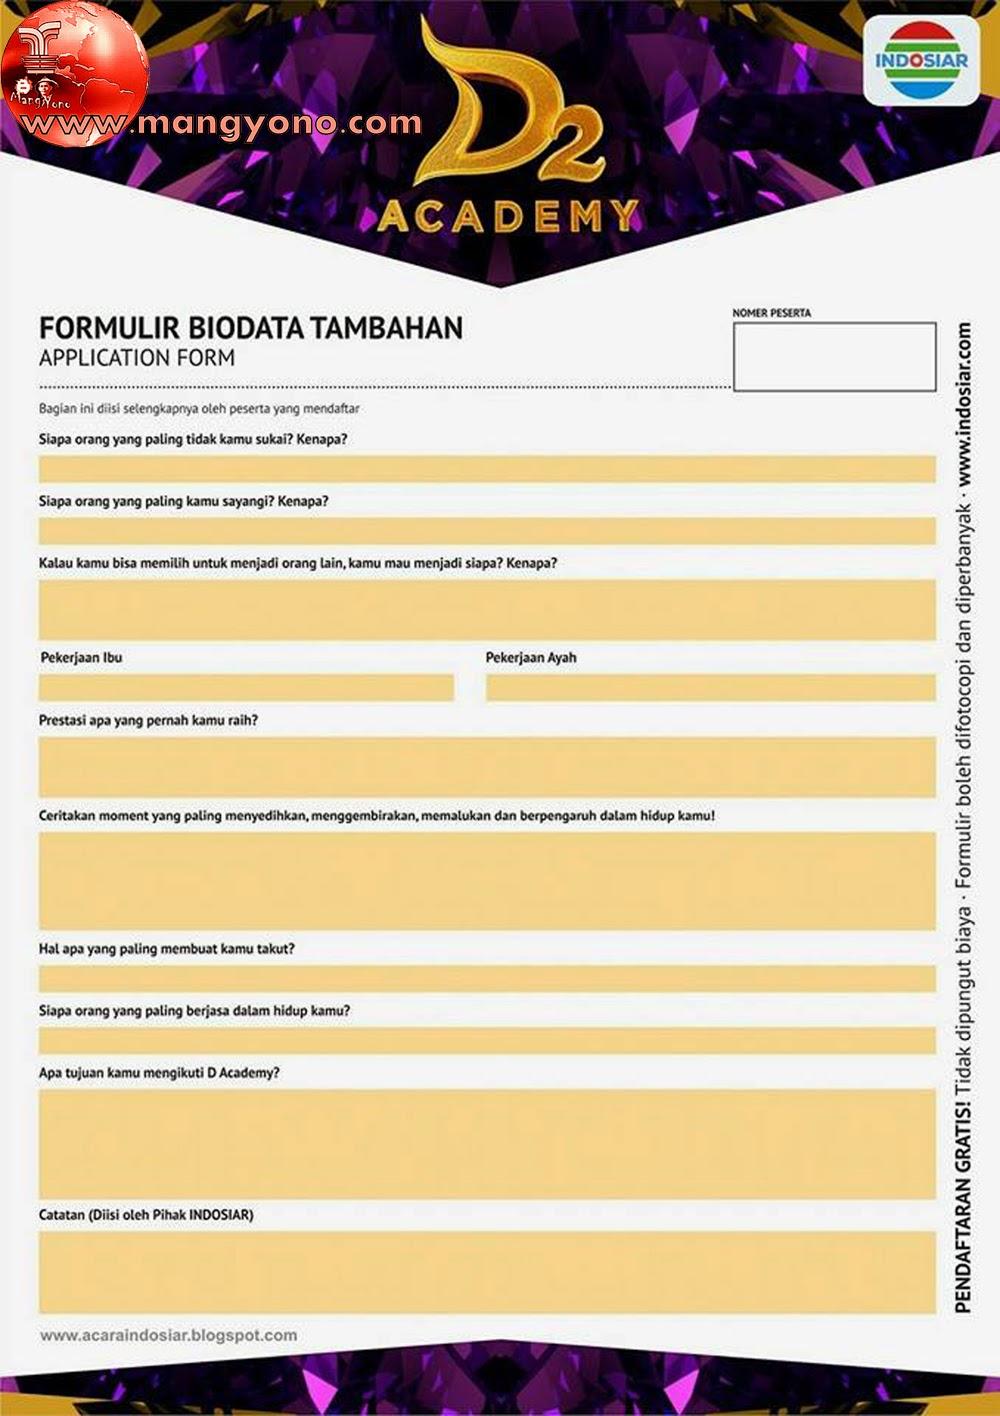 Formulir bisa di ambil di web indosiar.com